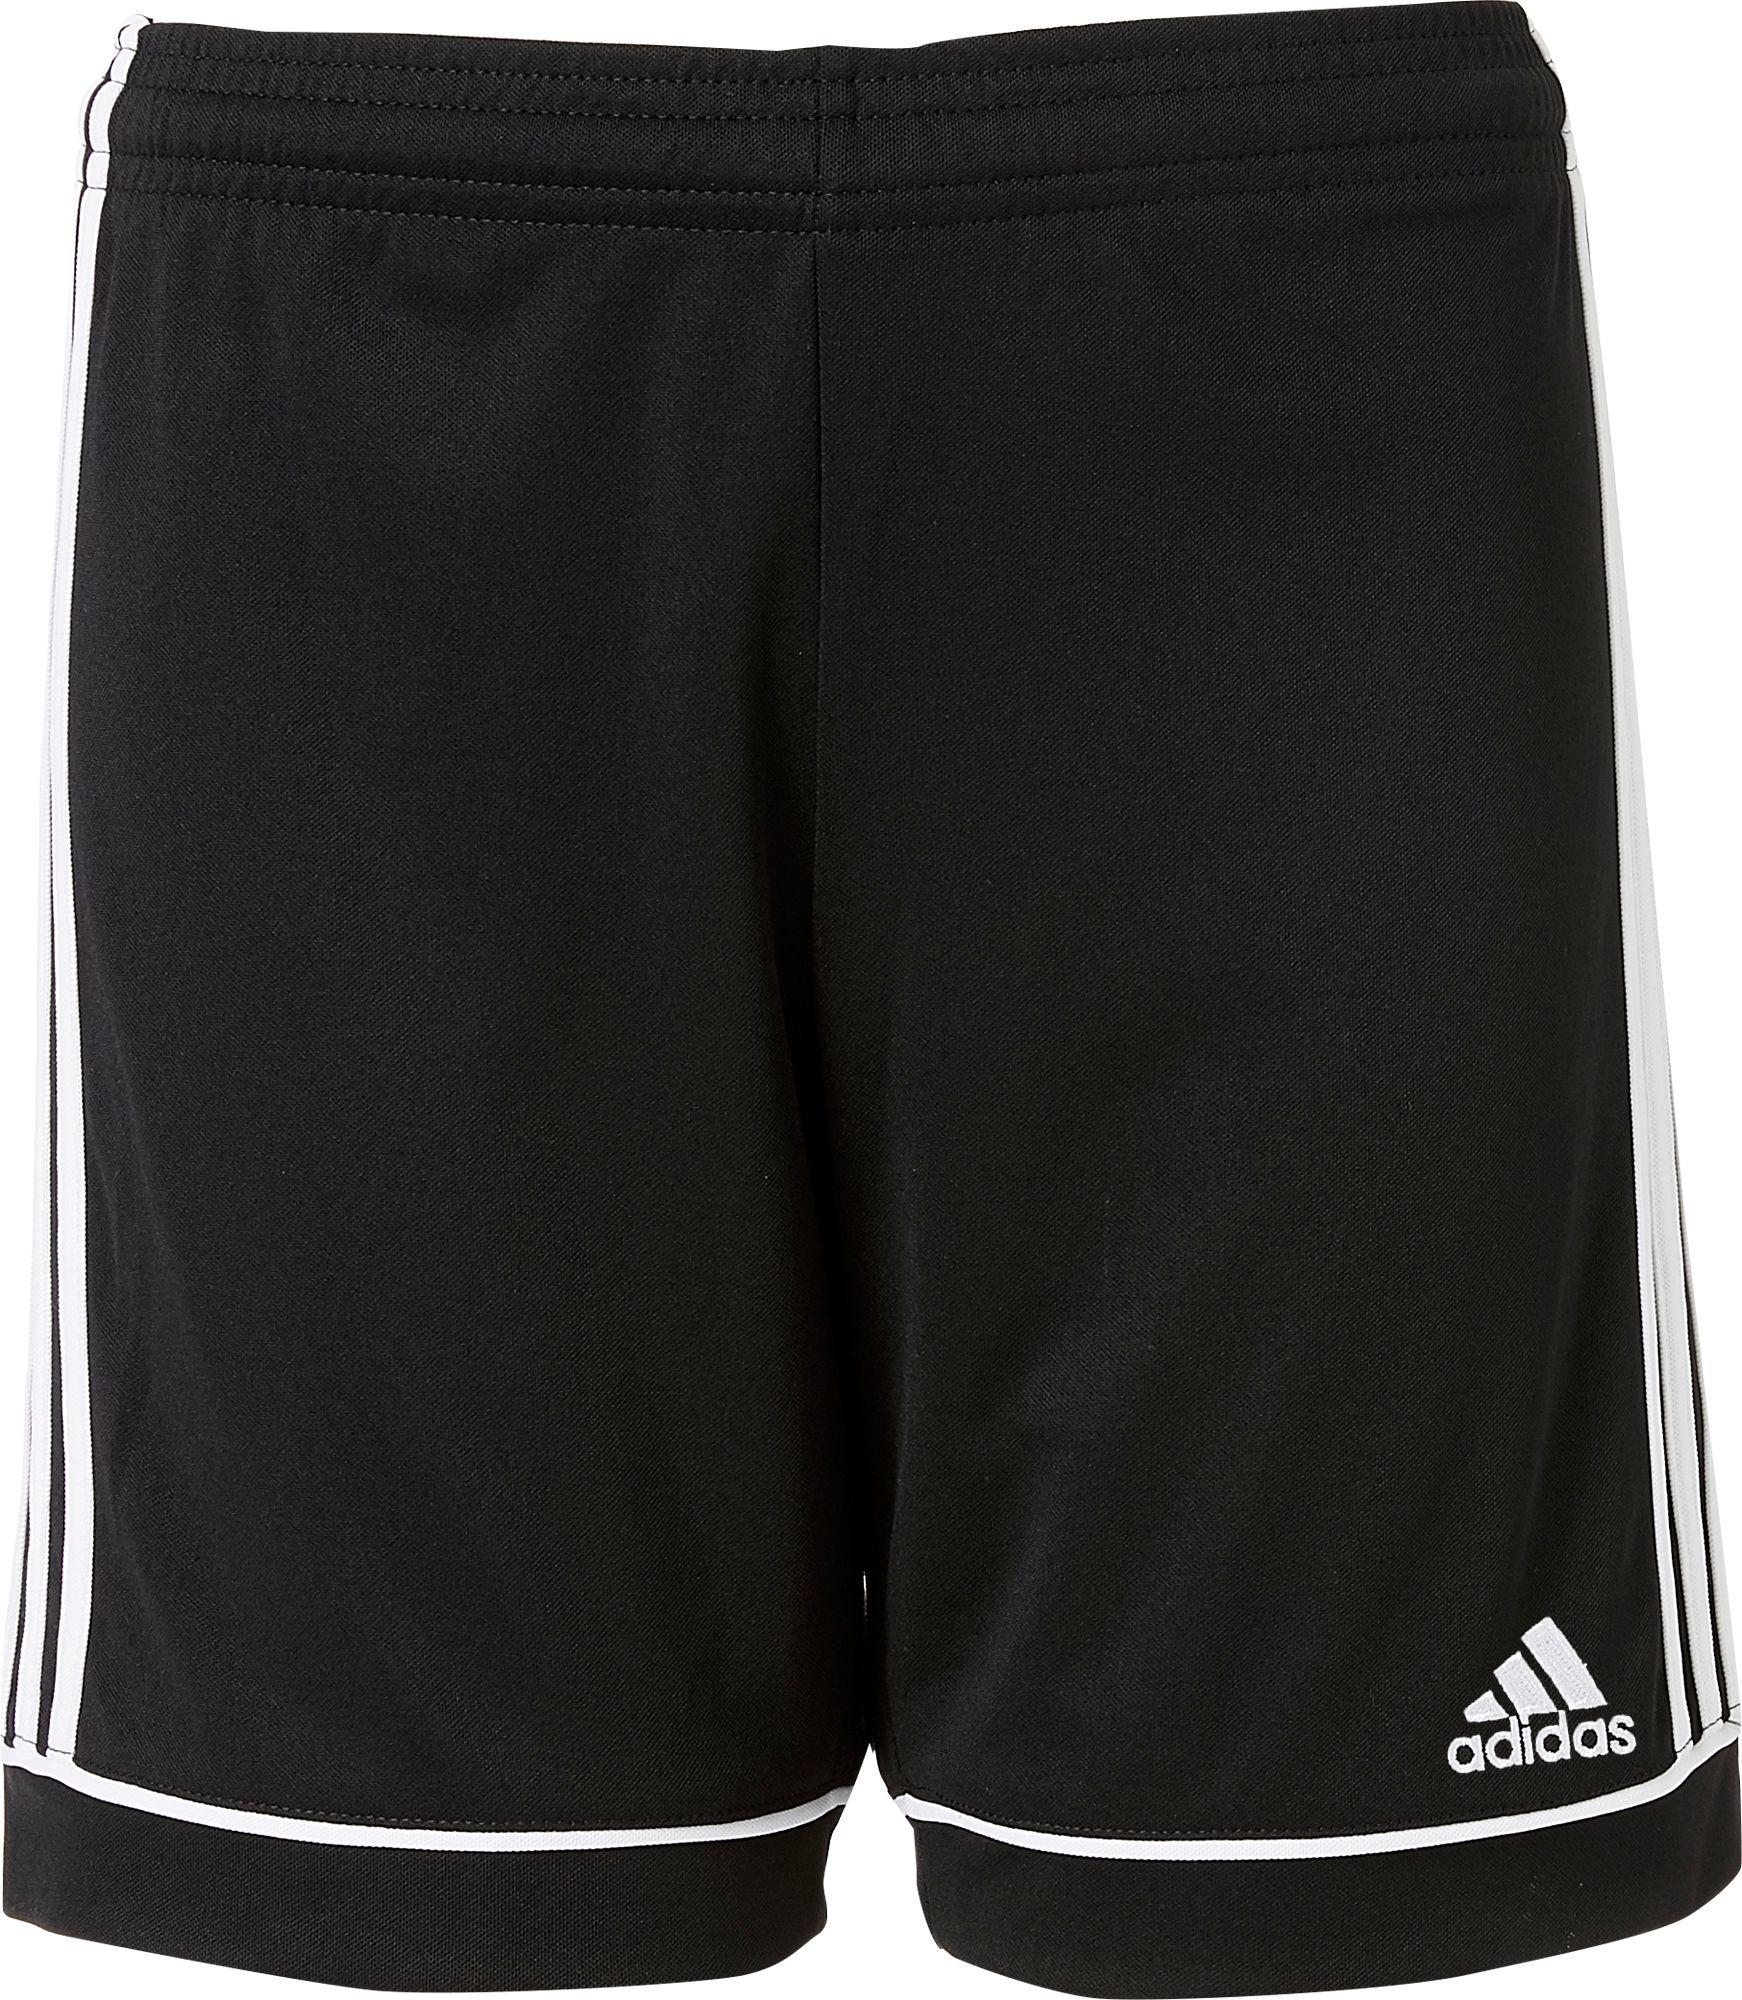 soccer shorts product image · adidas boysu0027 squadra 17 shorts HFOXYYI